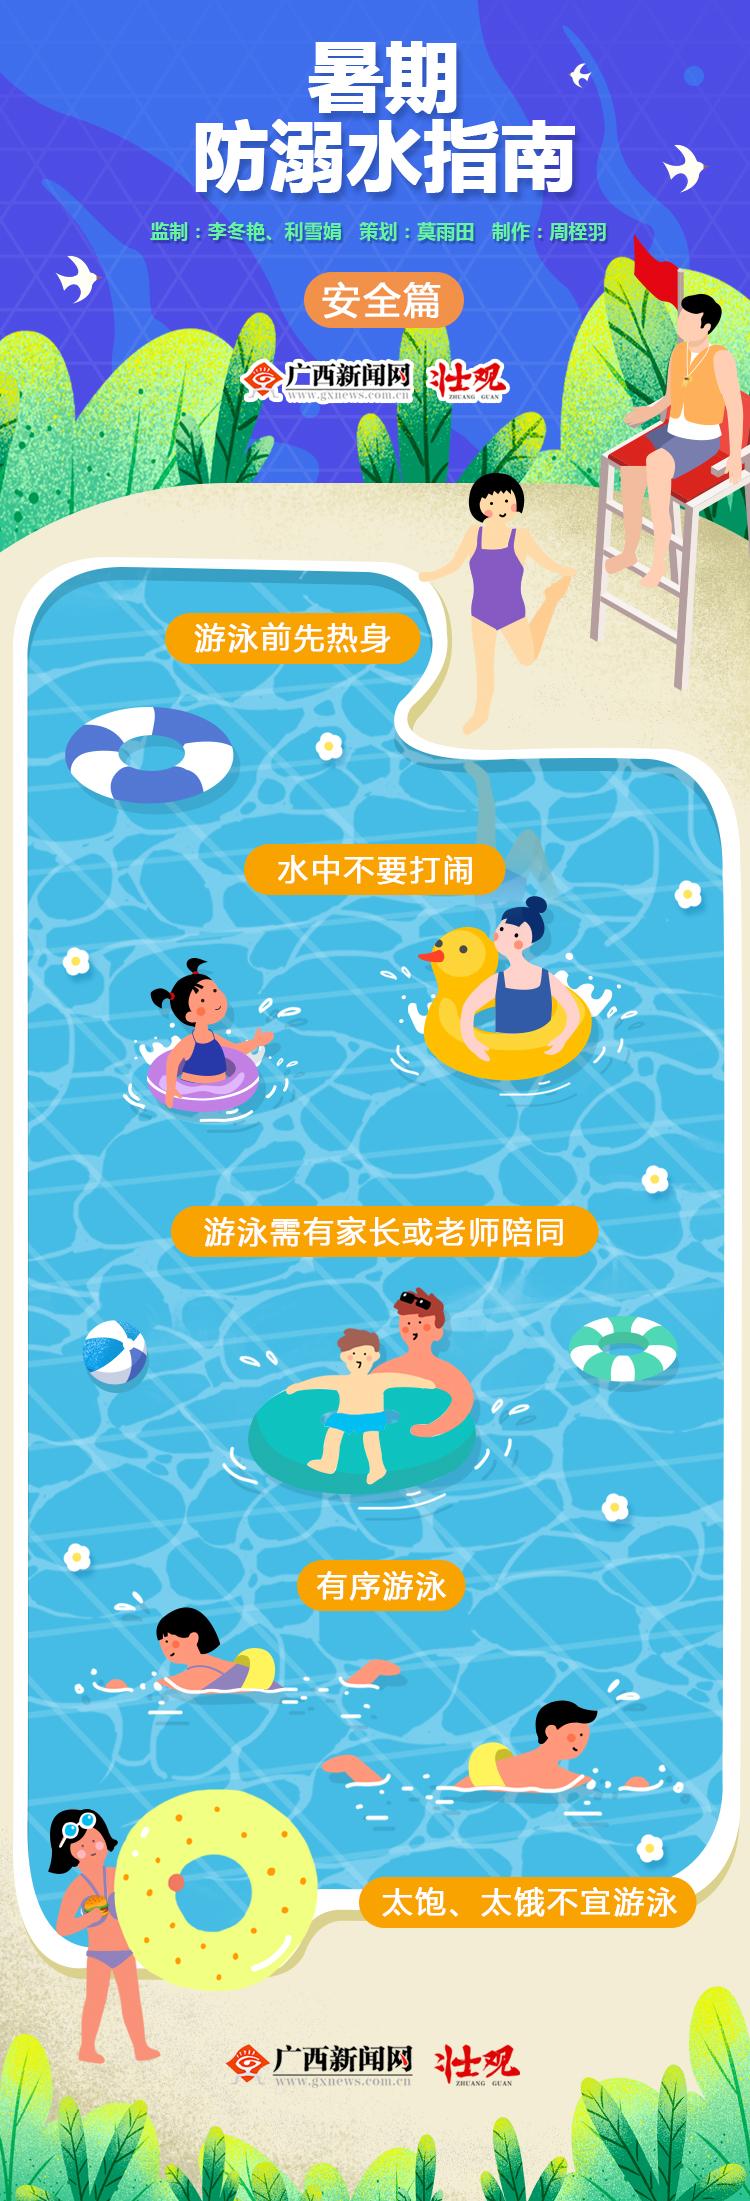 【图解】暑期游泳 防溺水指南——安全篇